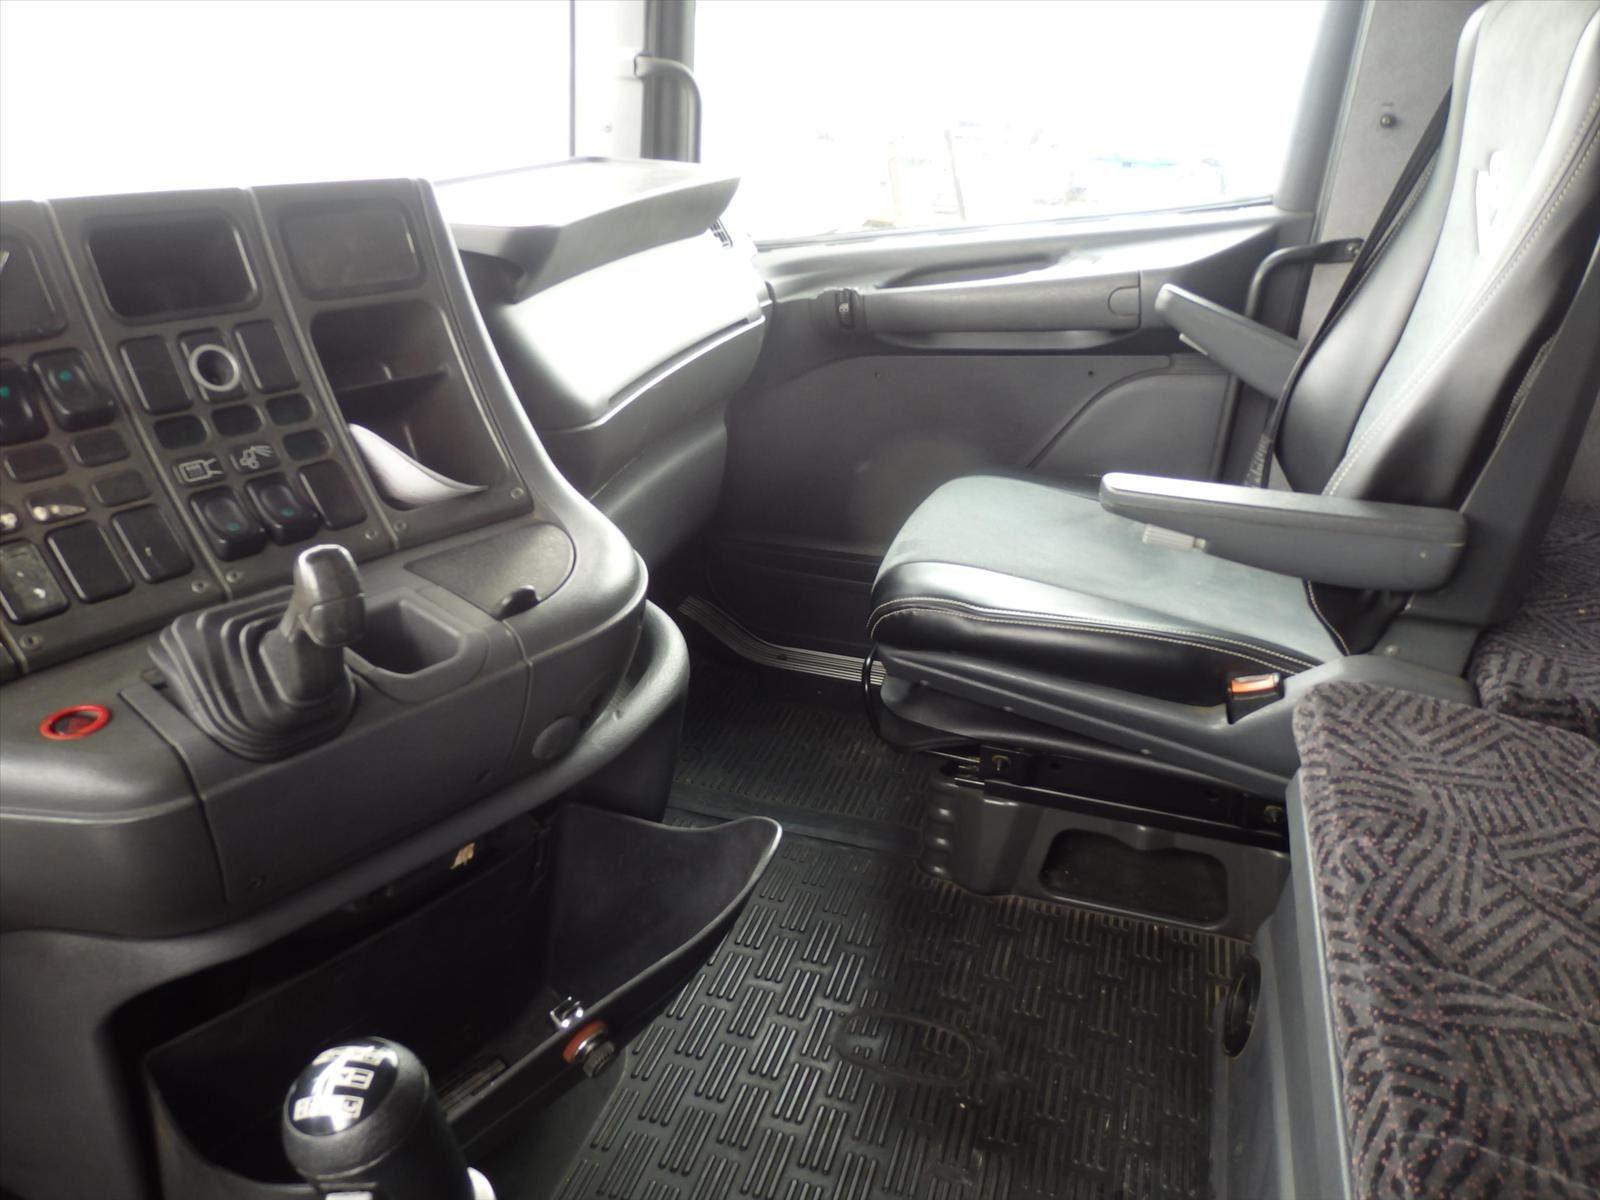 Camion Tracteur TRR SCANIA V8 Pierre BASSAT TRANSCOMM13 0608066192